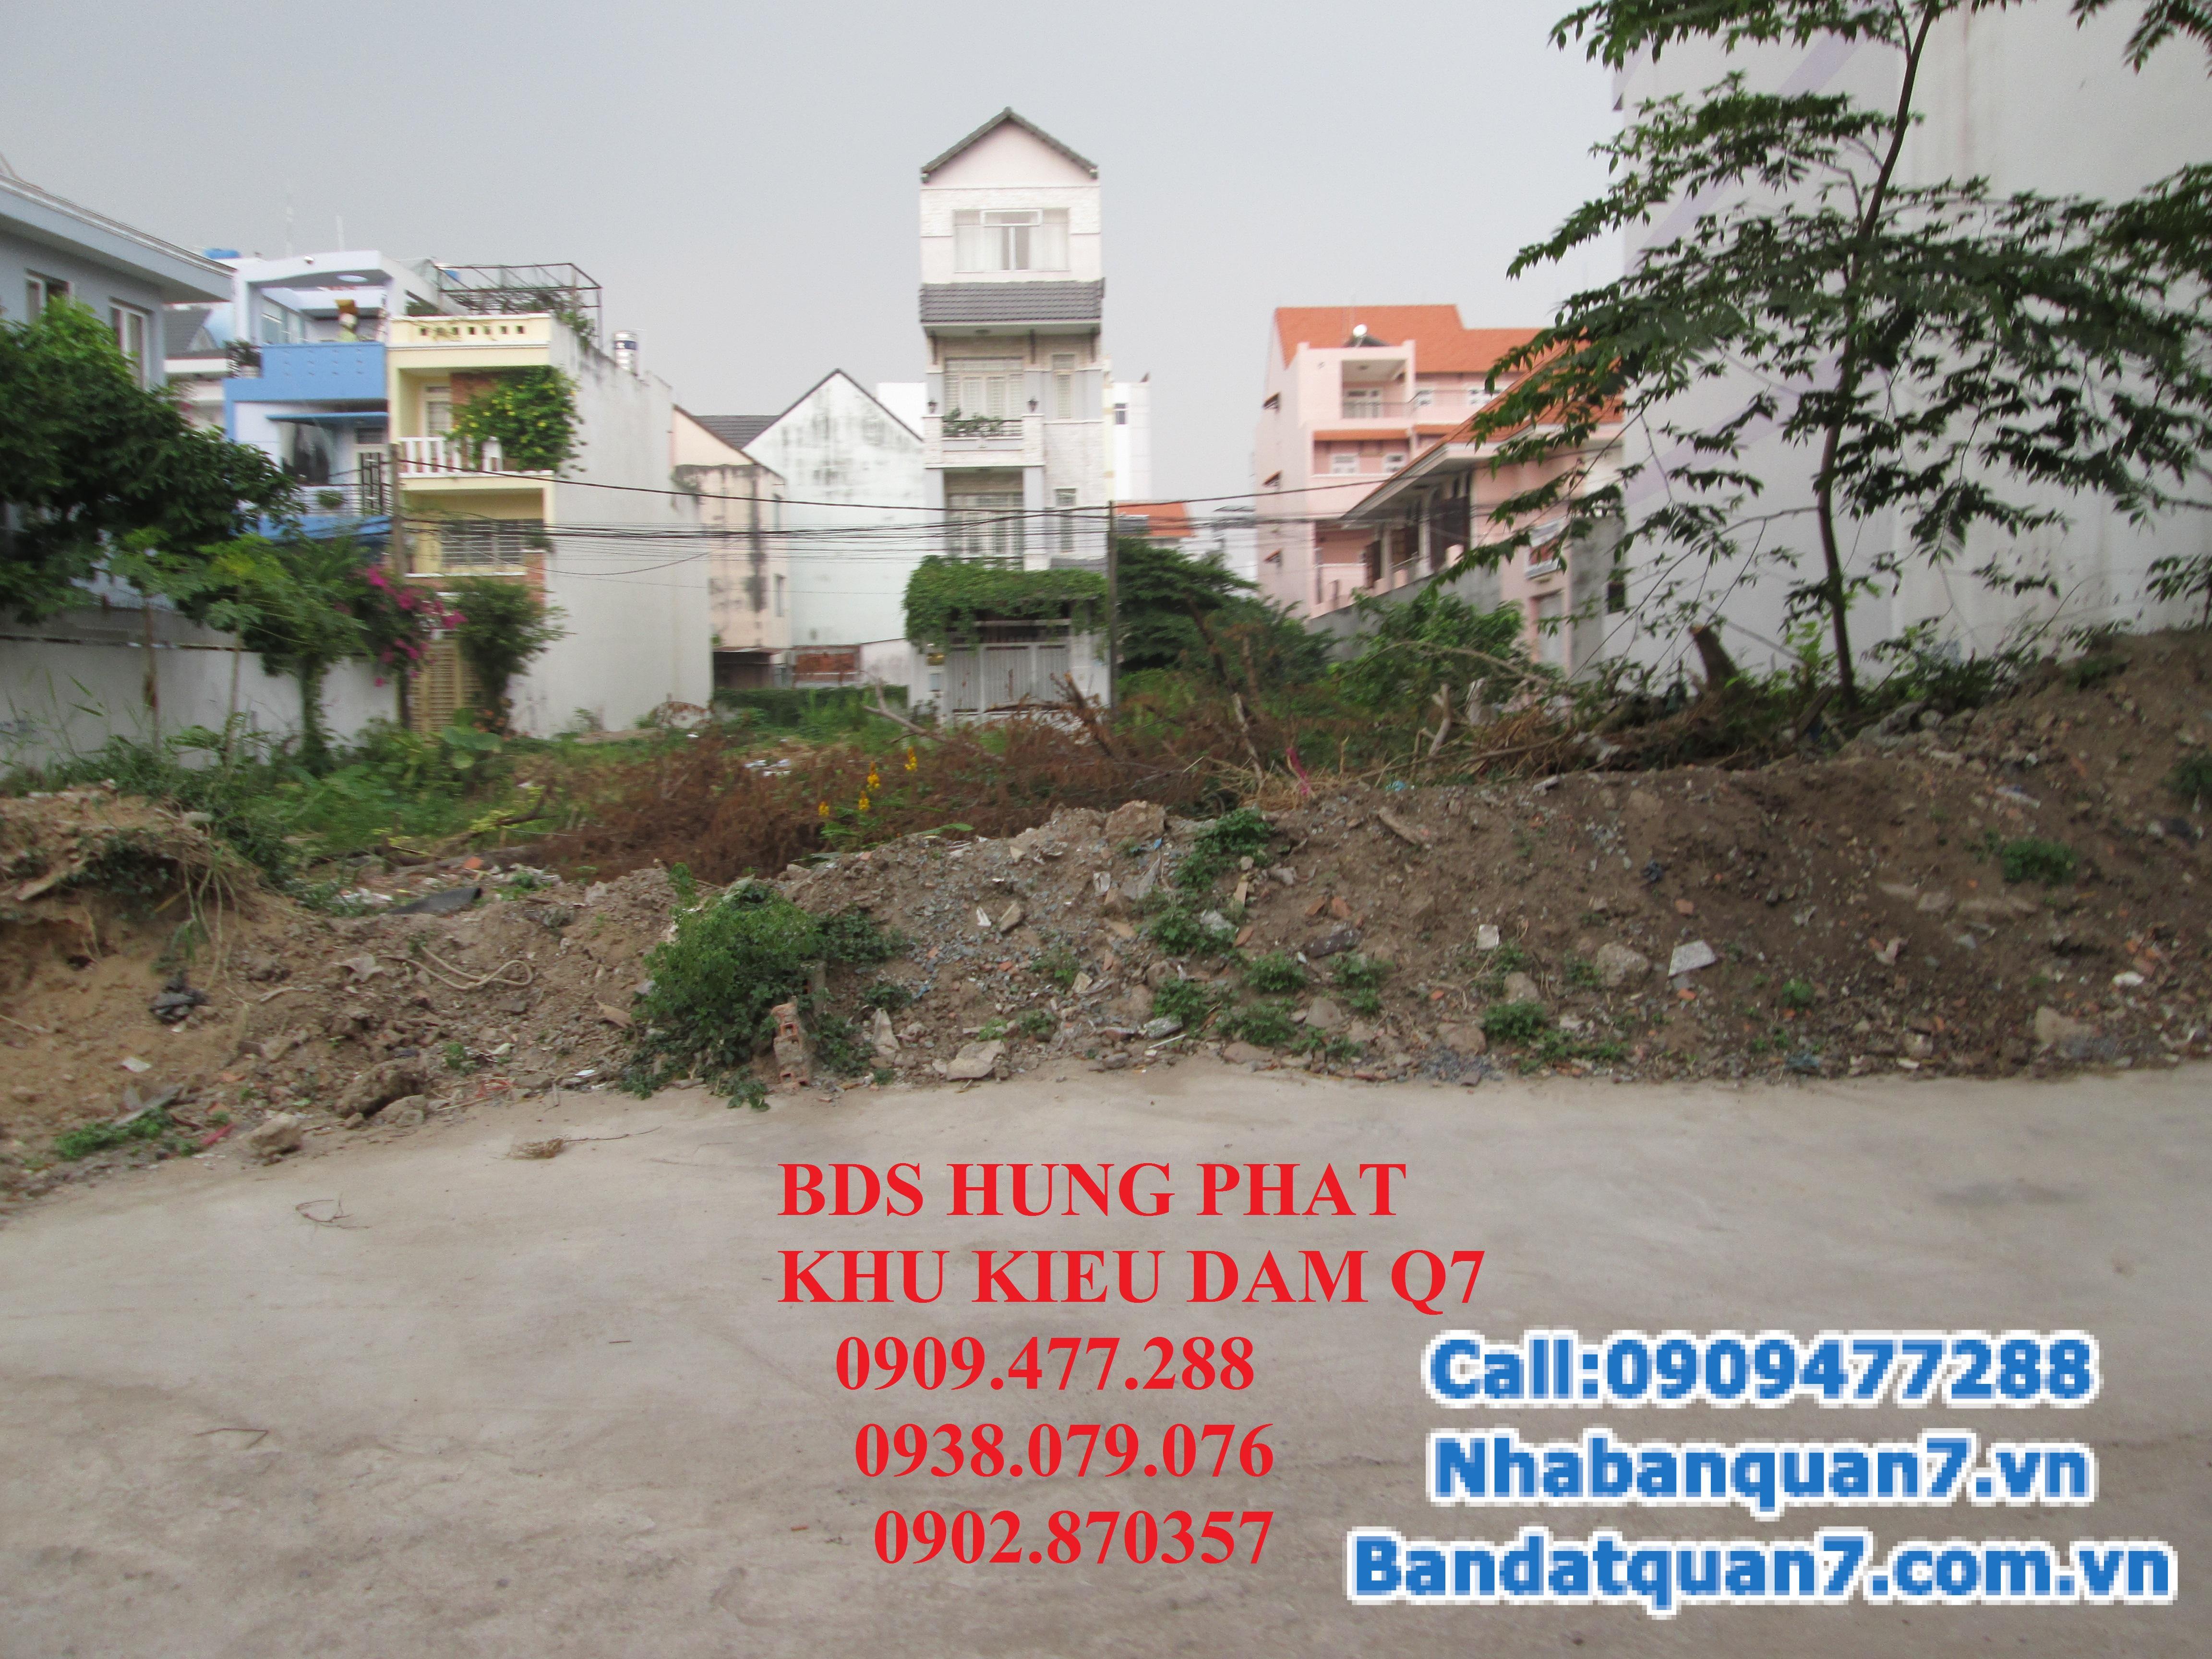 Tổng hợp đất nền nhà phố khu Kiều Đàm, quận 7. Giá tốt nhất thị trường. 5,4 x 15,2m, 3.3 tỷ